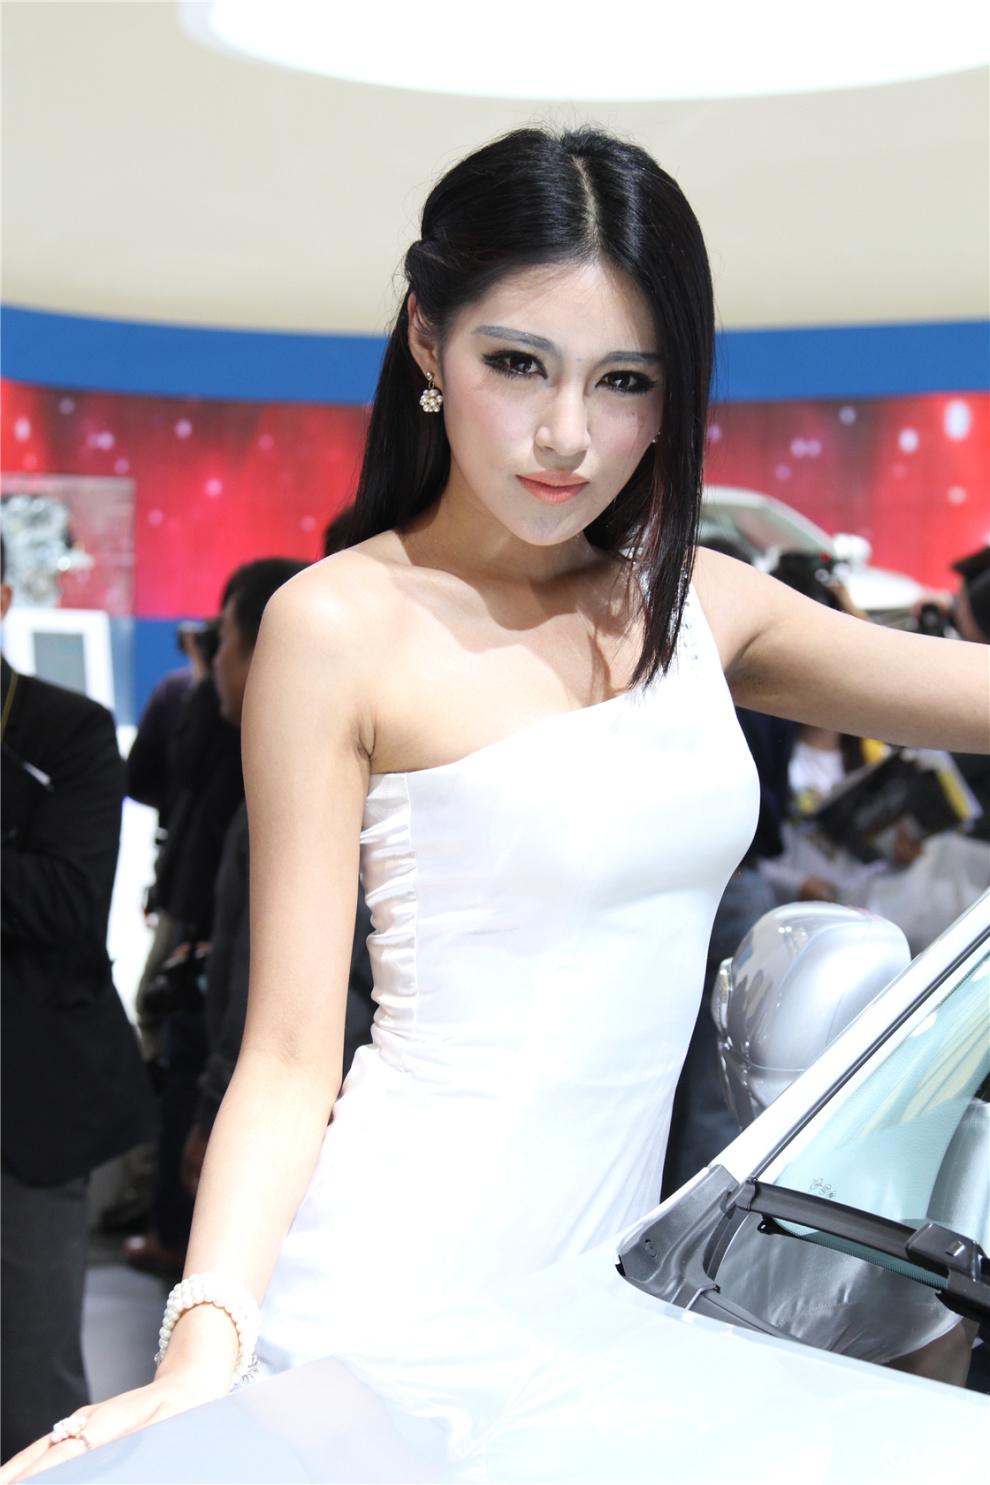 【海马5号车模图片】-易车网bitauto.com